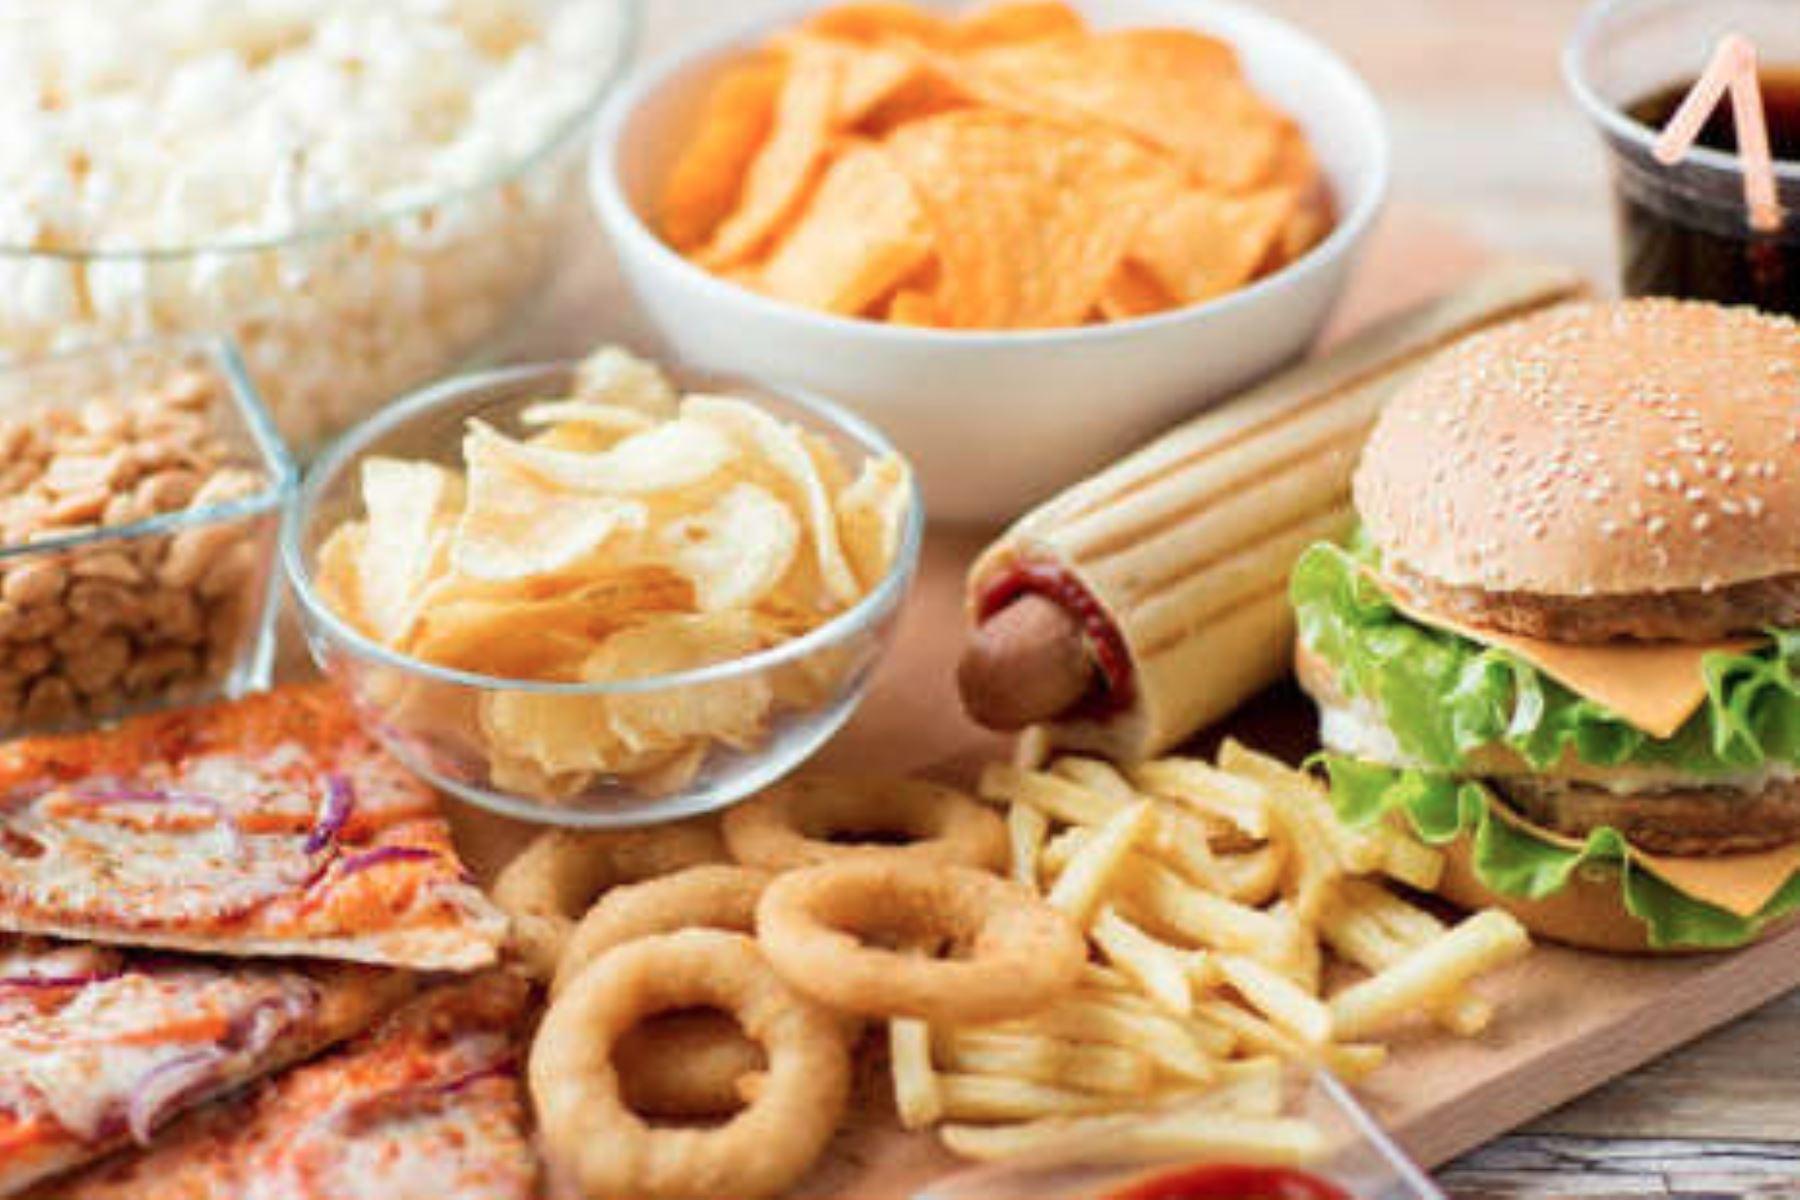 Quienes se inclinan por comidas chatarras tienen alto riesgo de sufrir depresión, ansiedad y estrés, advierten expertos. Foto: internet/medios.